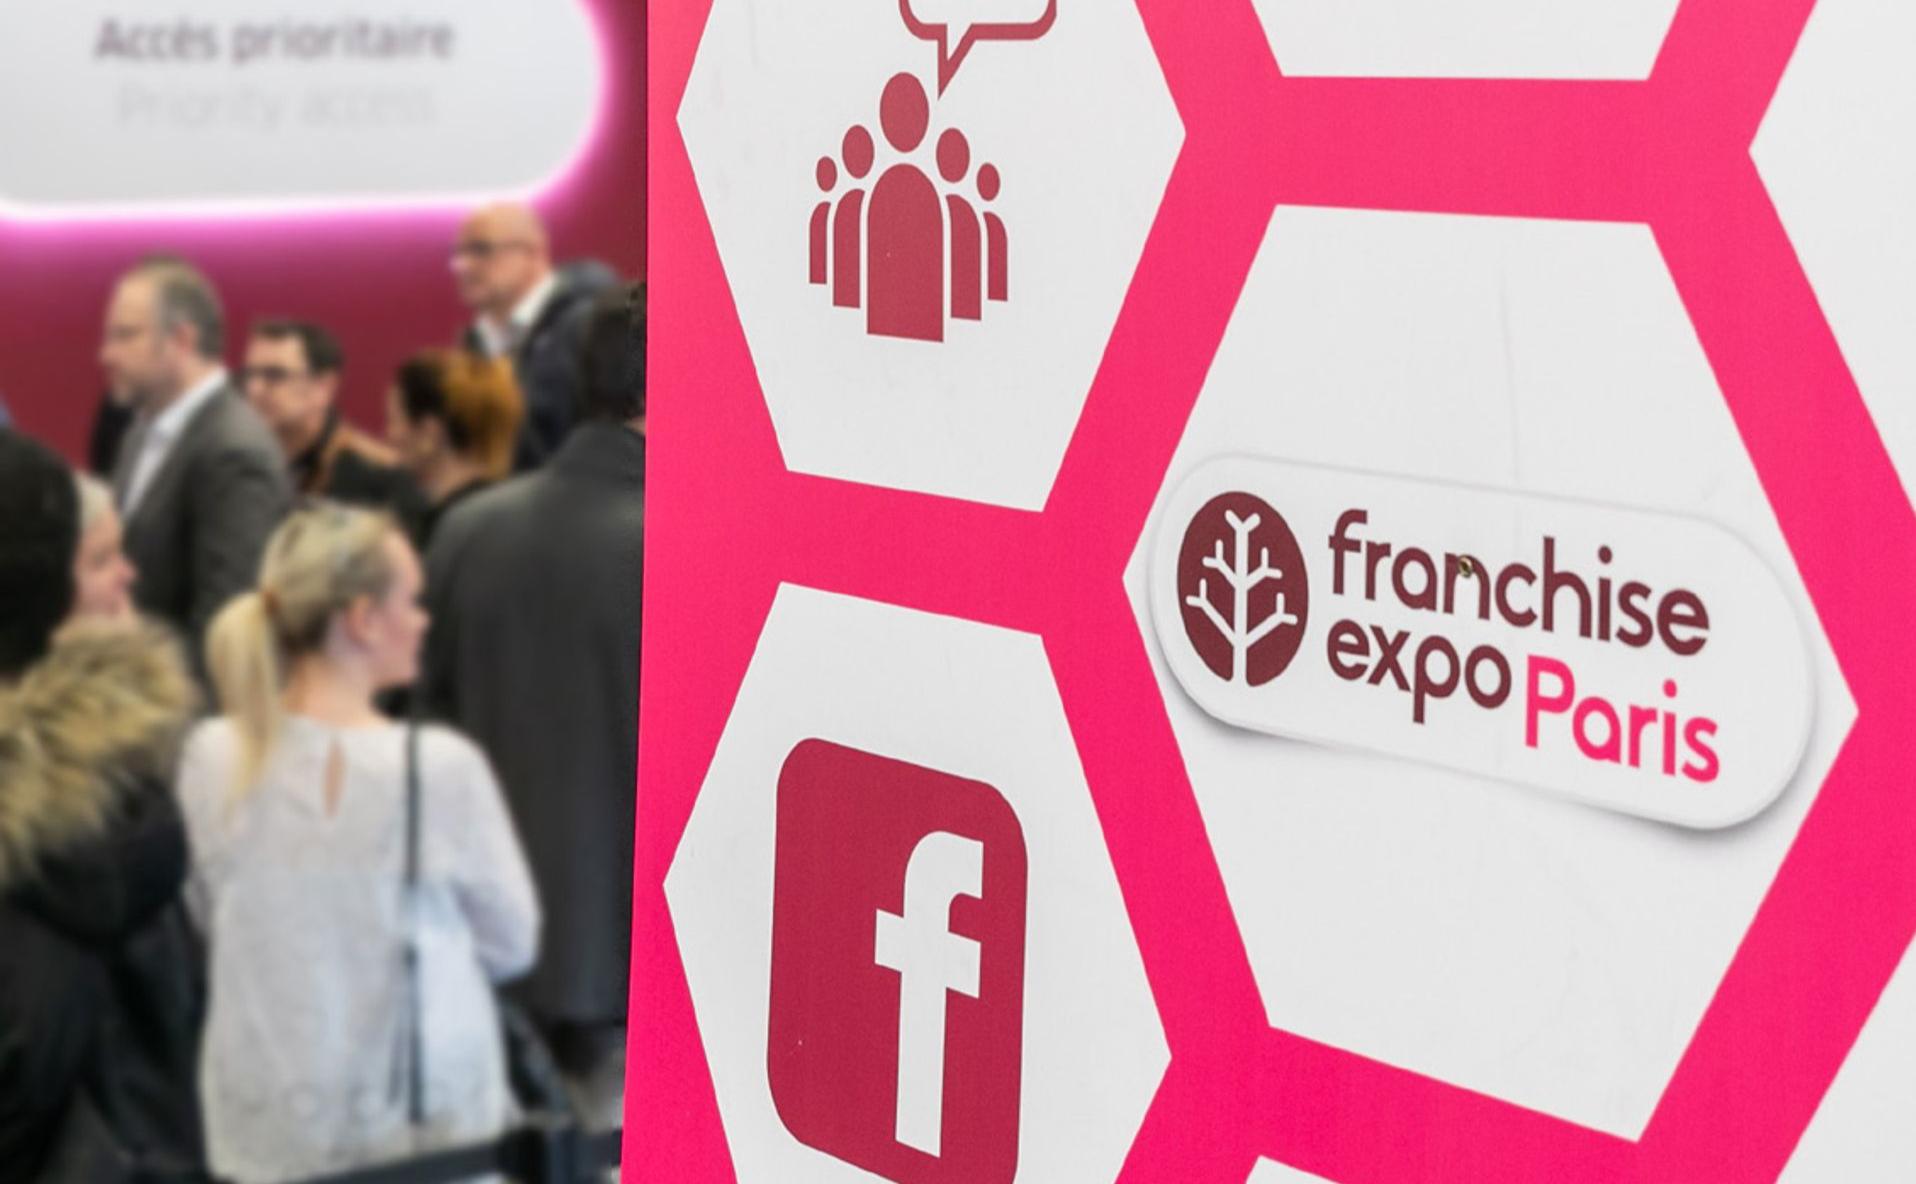 Franchise Expo Paris: Ende September 2021 startet die größte Franchise-Messe Europas